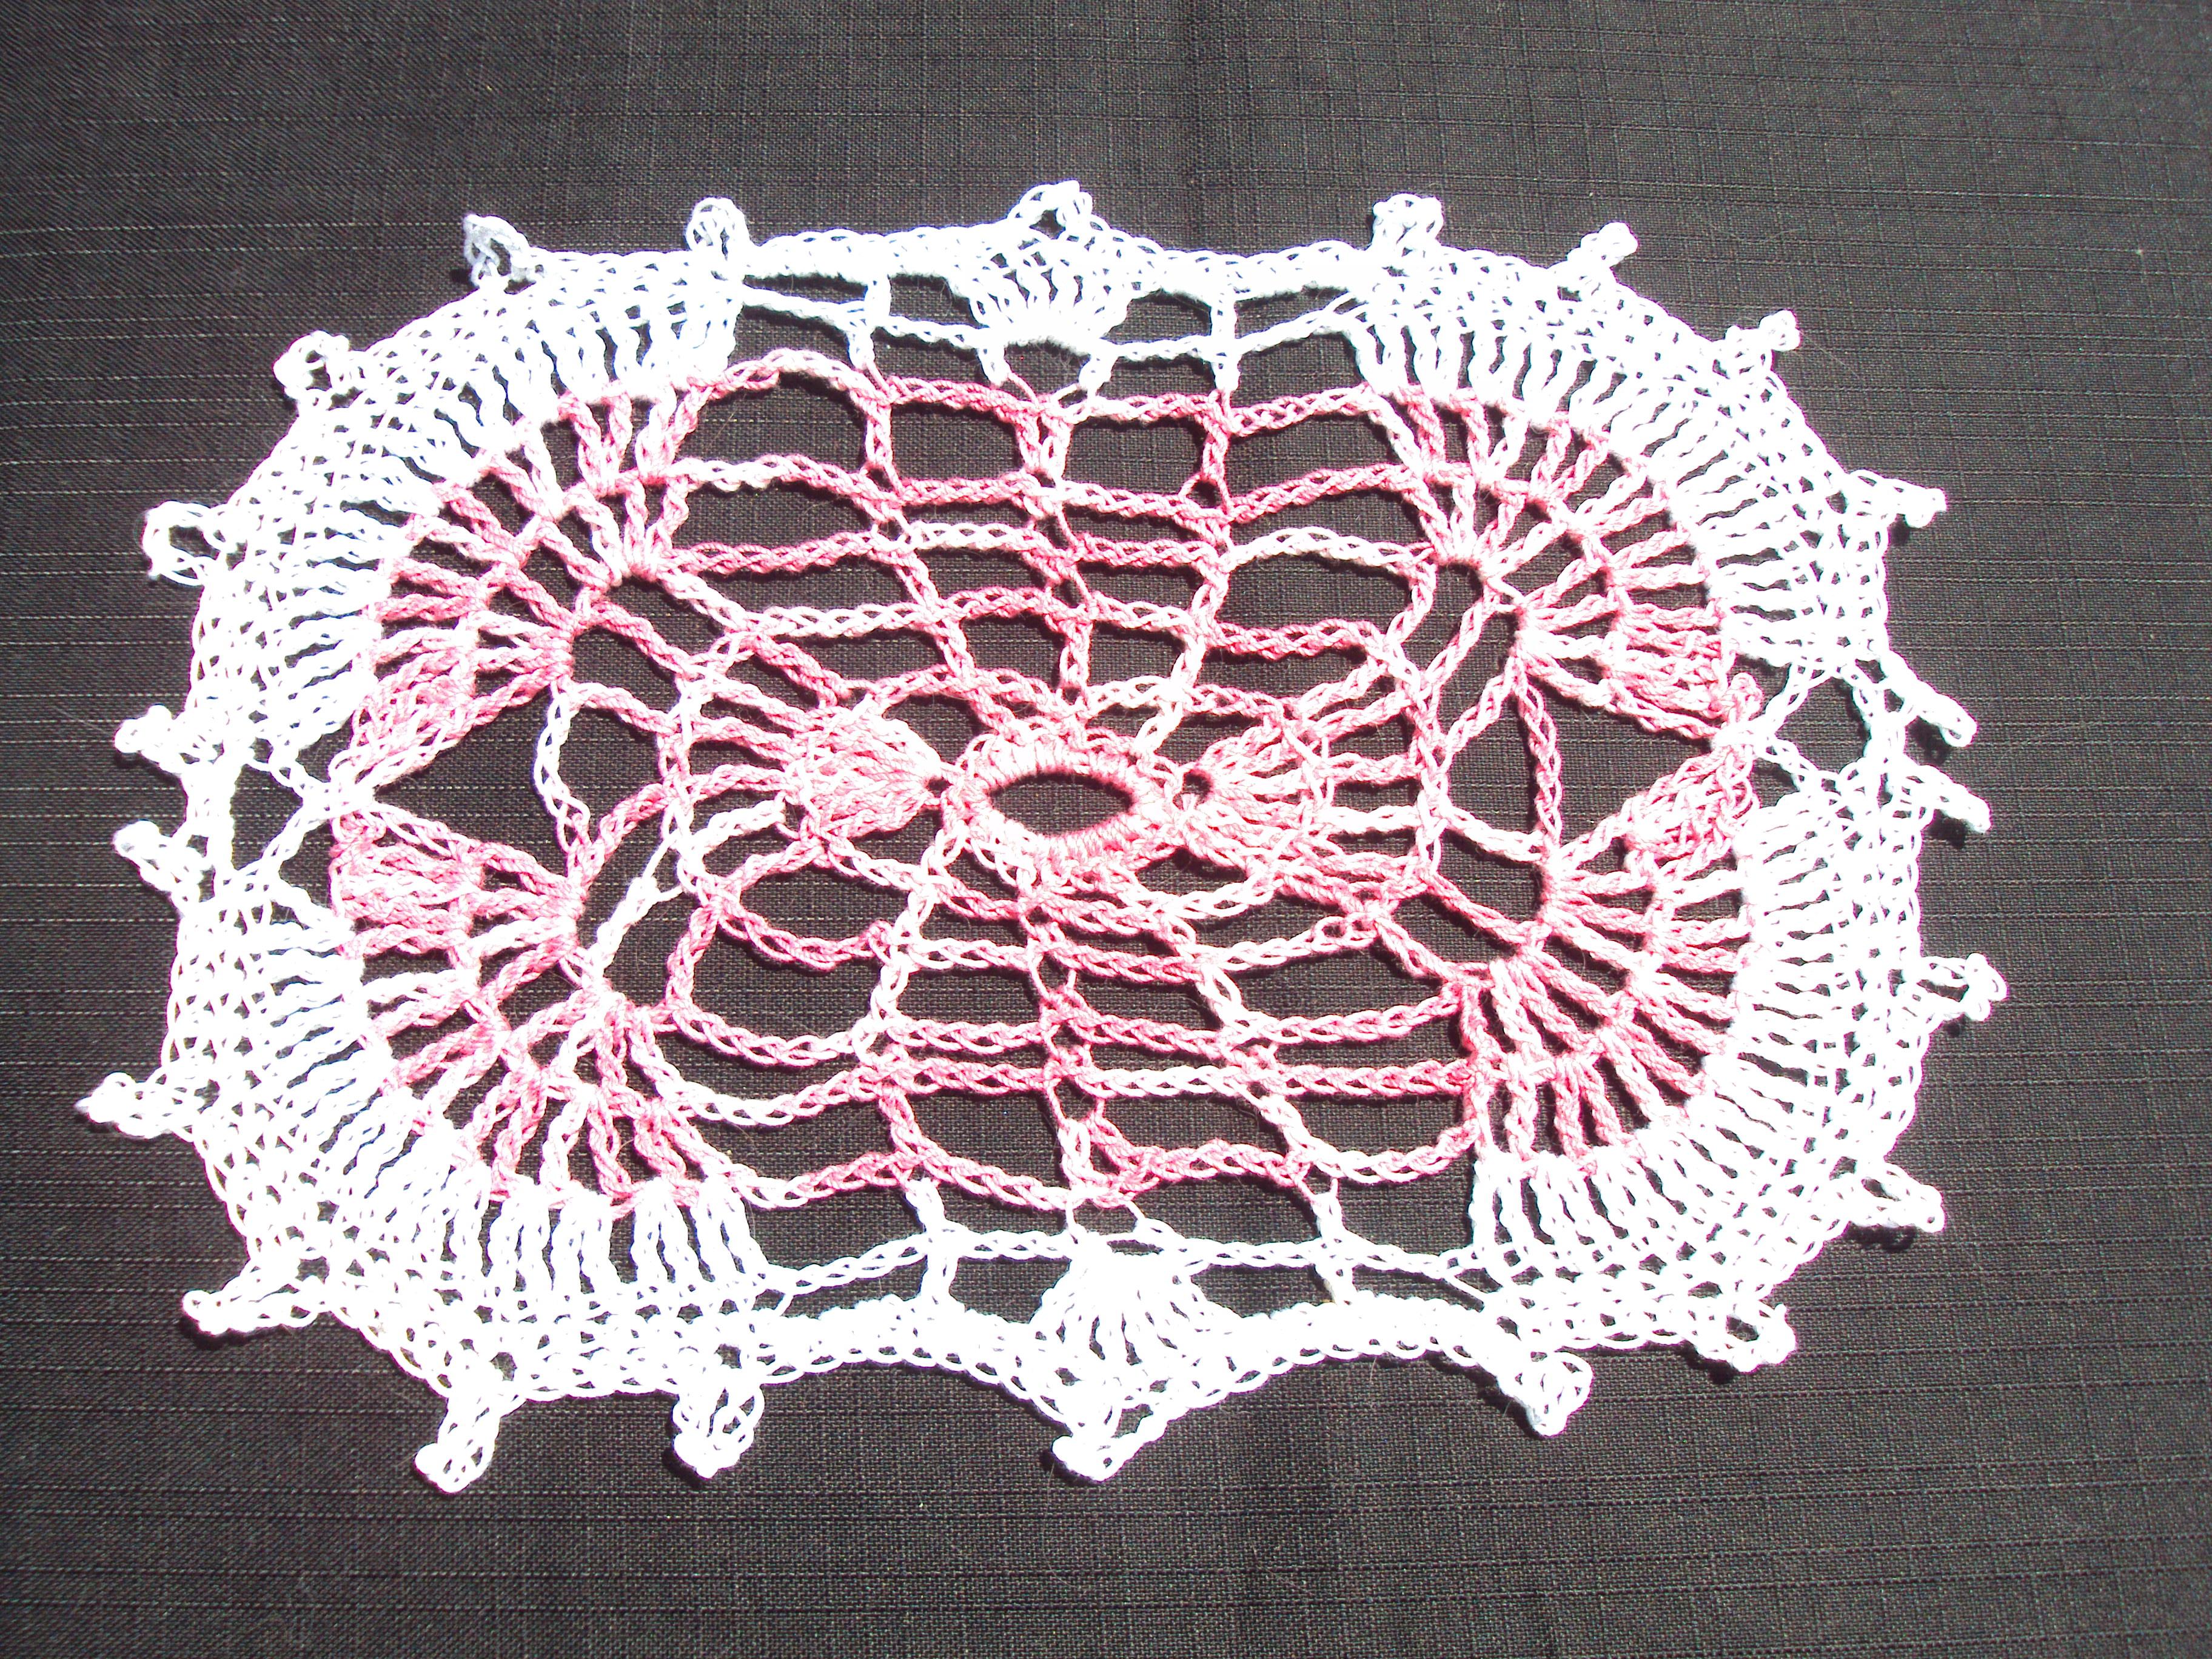 Grand Napperon Au Crochet pour napperon ovale - carré rose et blanc - chantal costumes